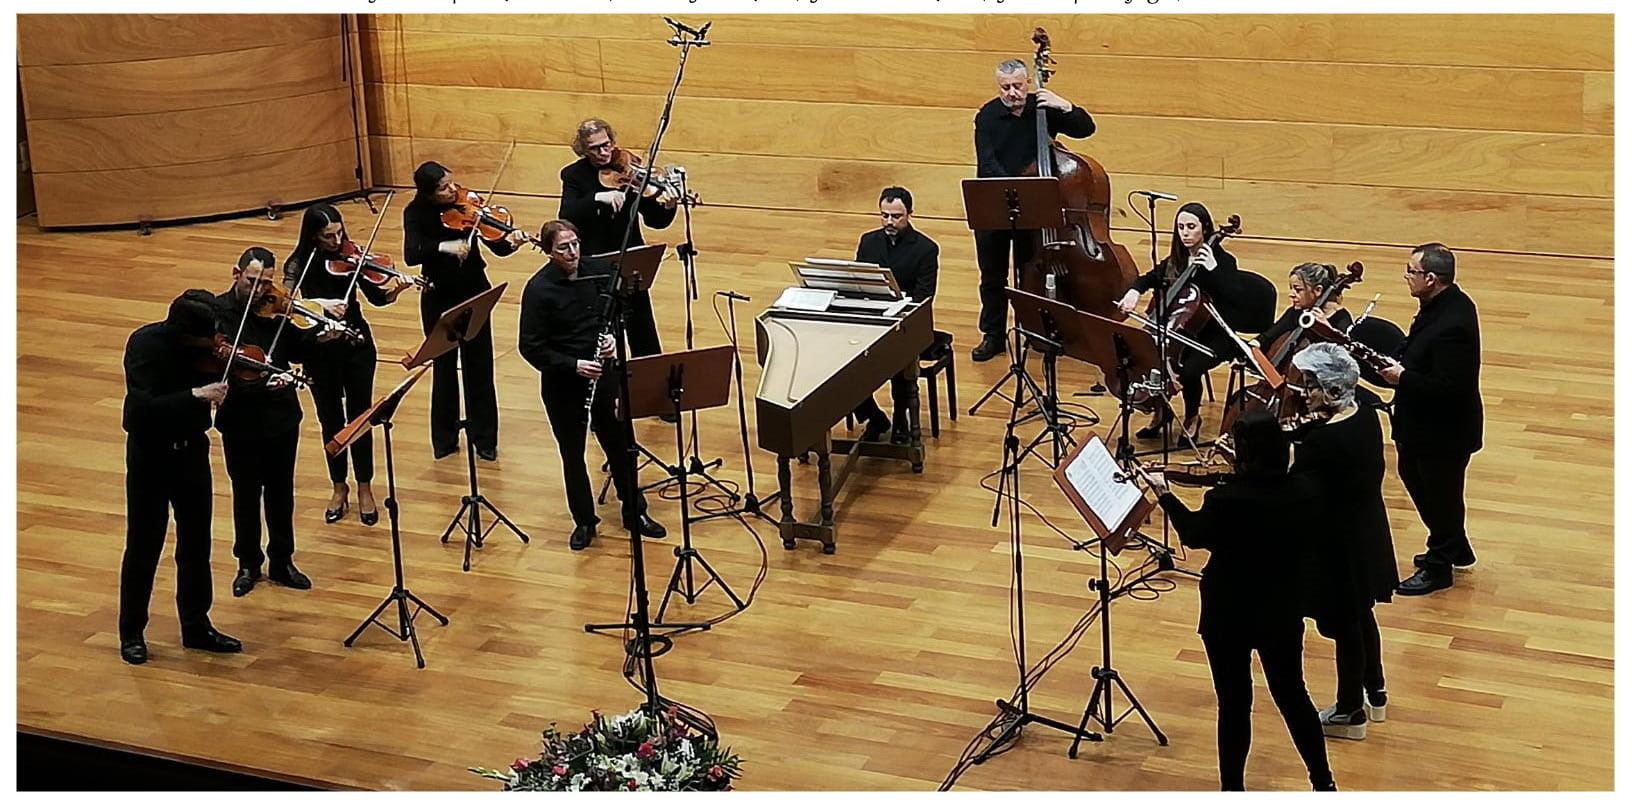 Orquesta Vivaldi Ensemble